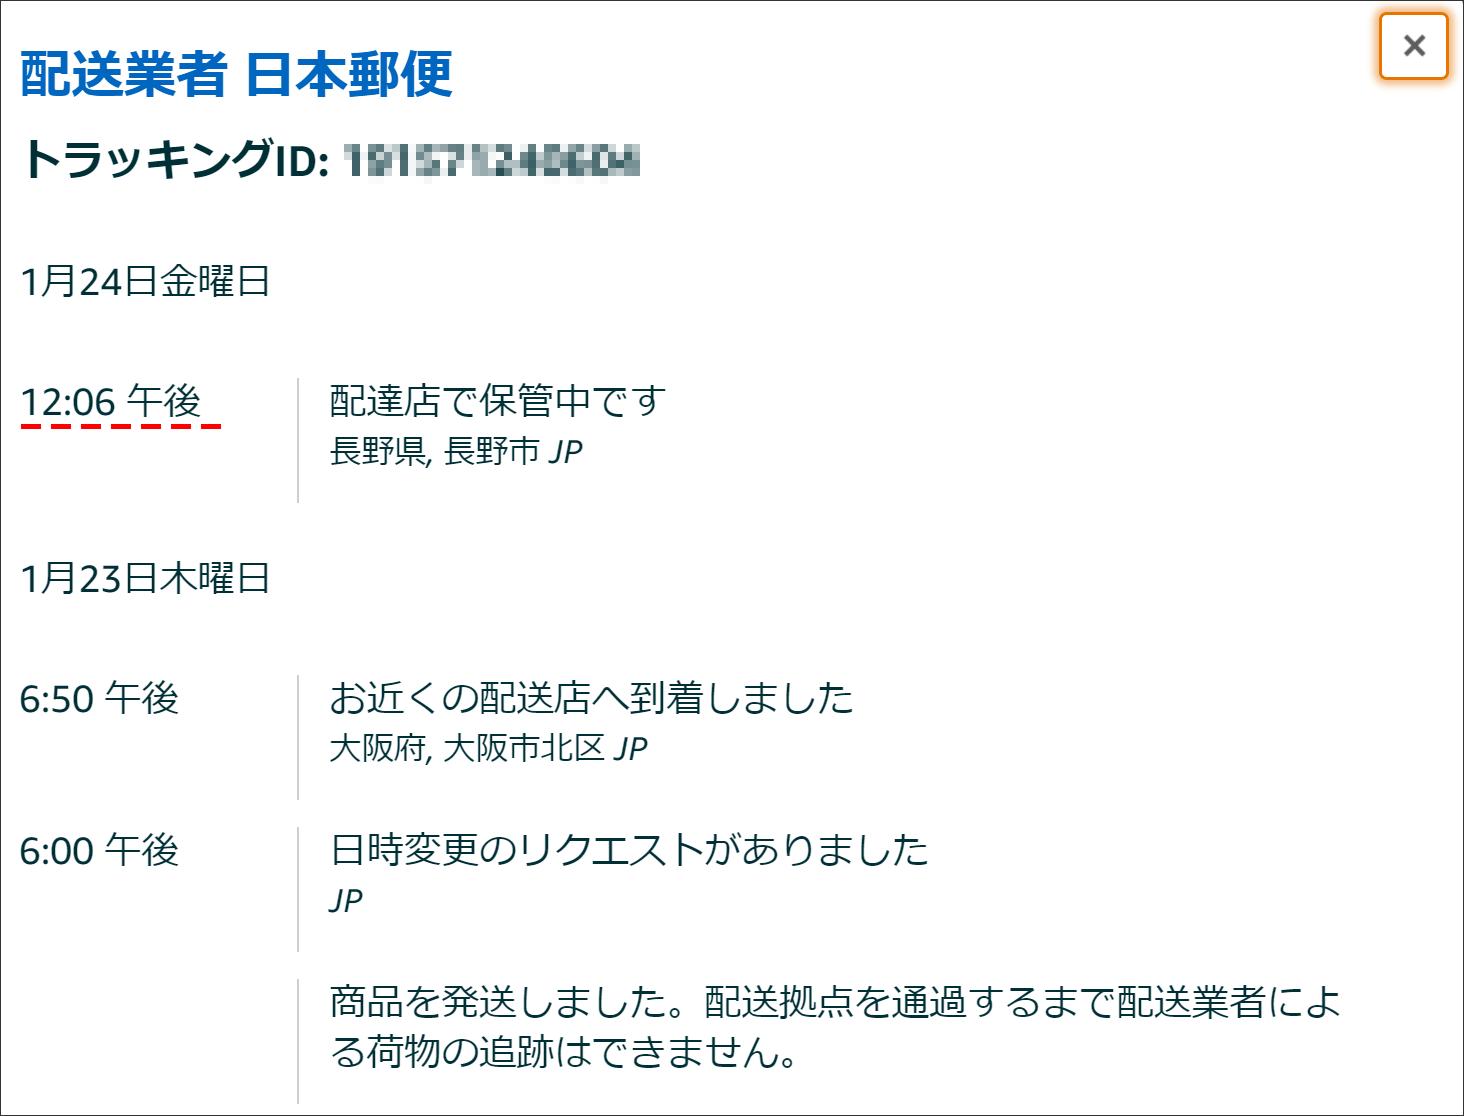 郵便 id 日本 トラッキング